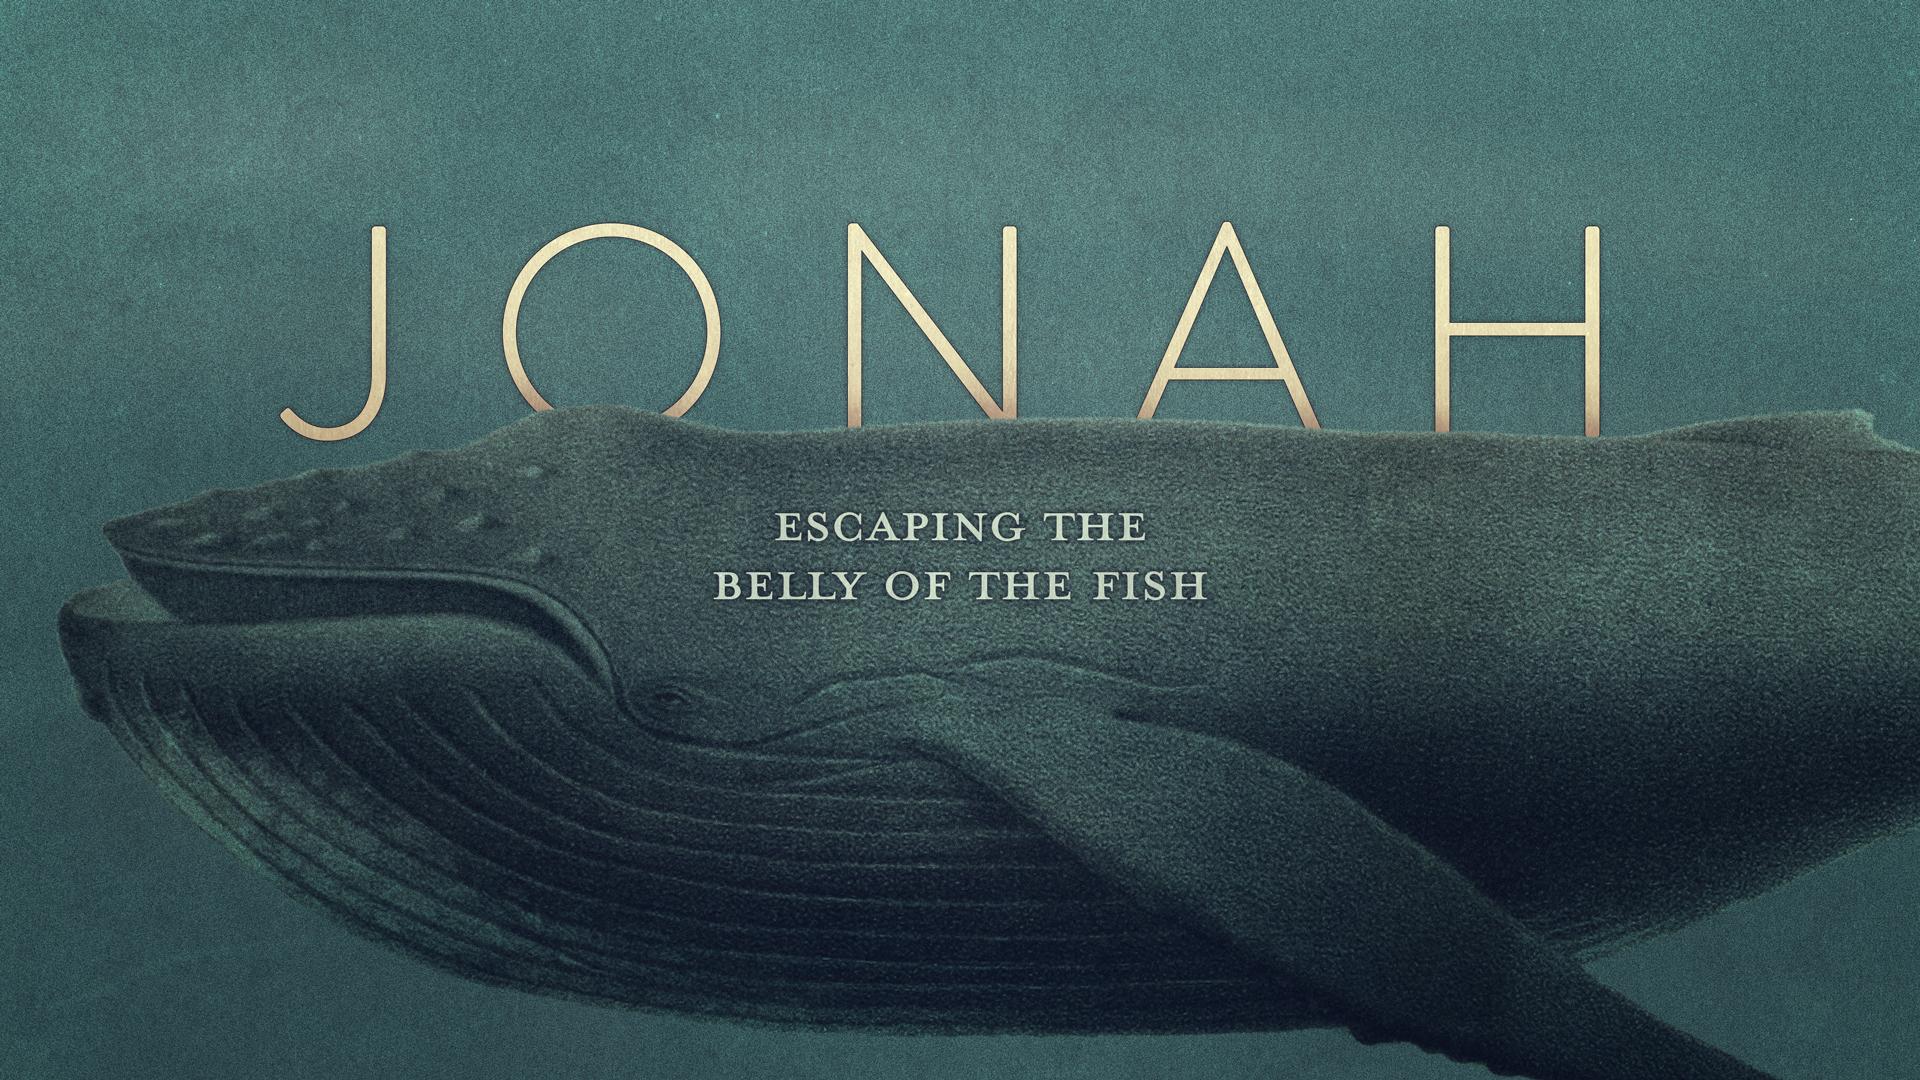 Jonah_Jim-LePage.jpg